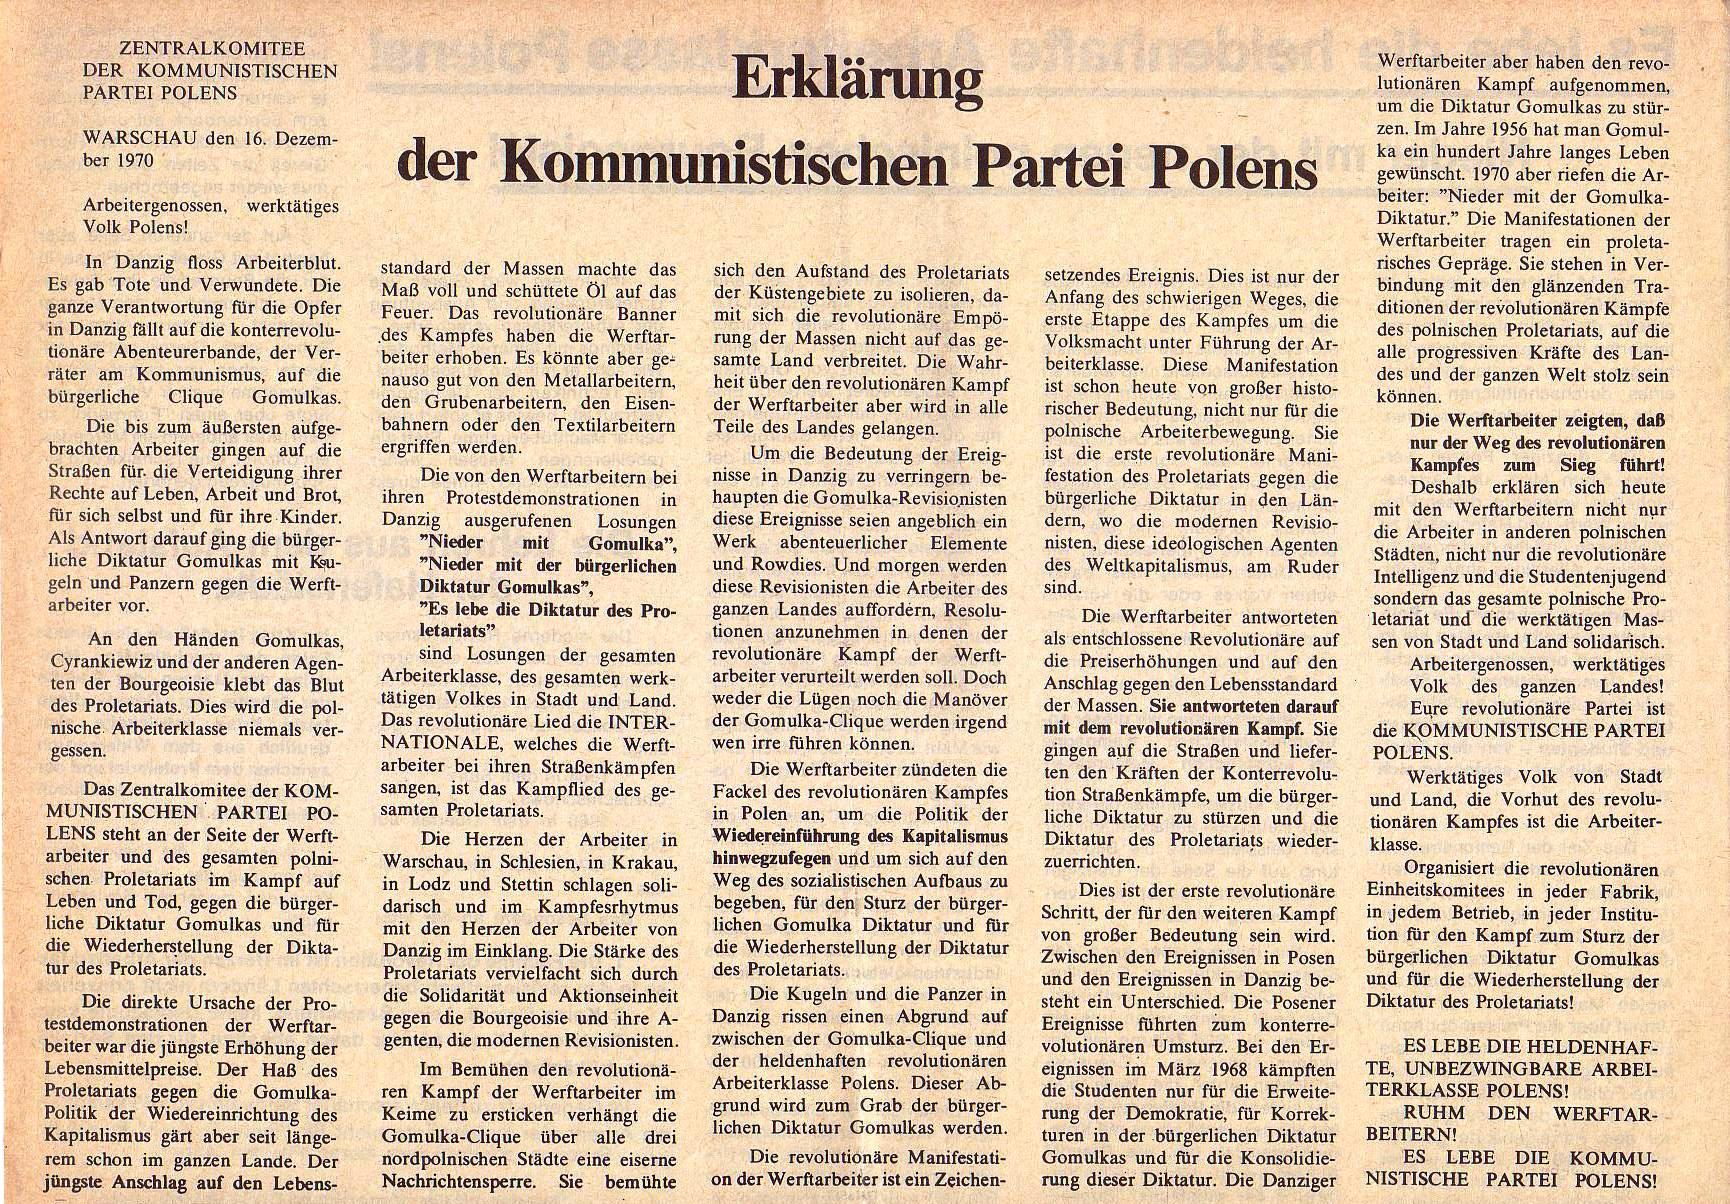 Roter Morgen, 5. Jg., Januar 1971, Nr. 1, Seite 4a